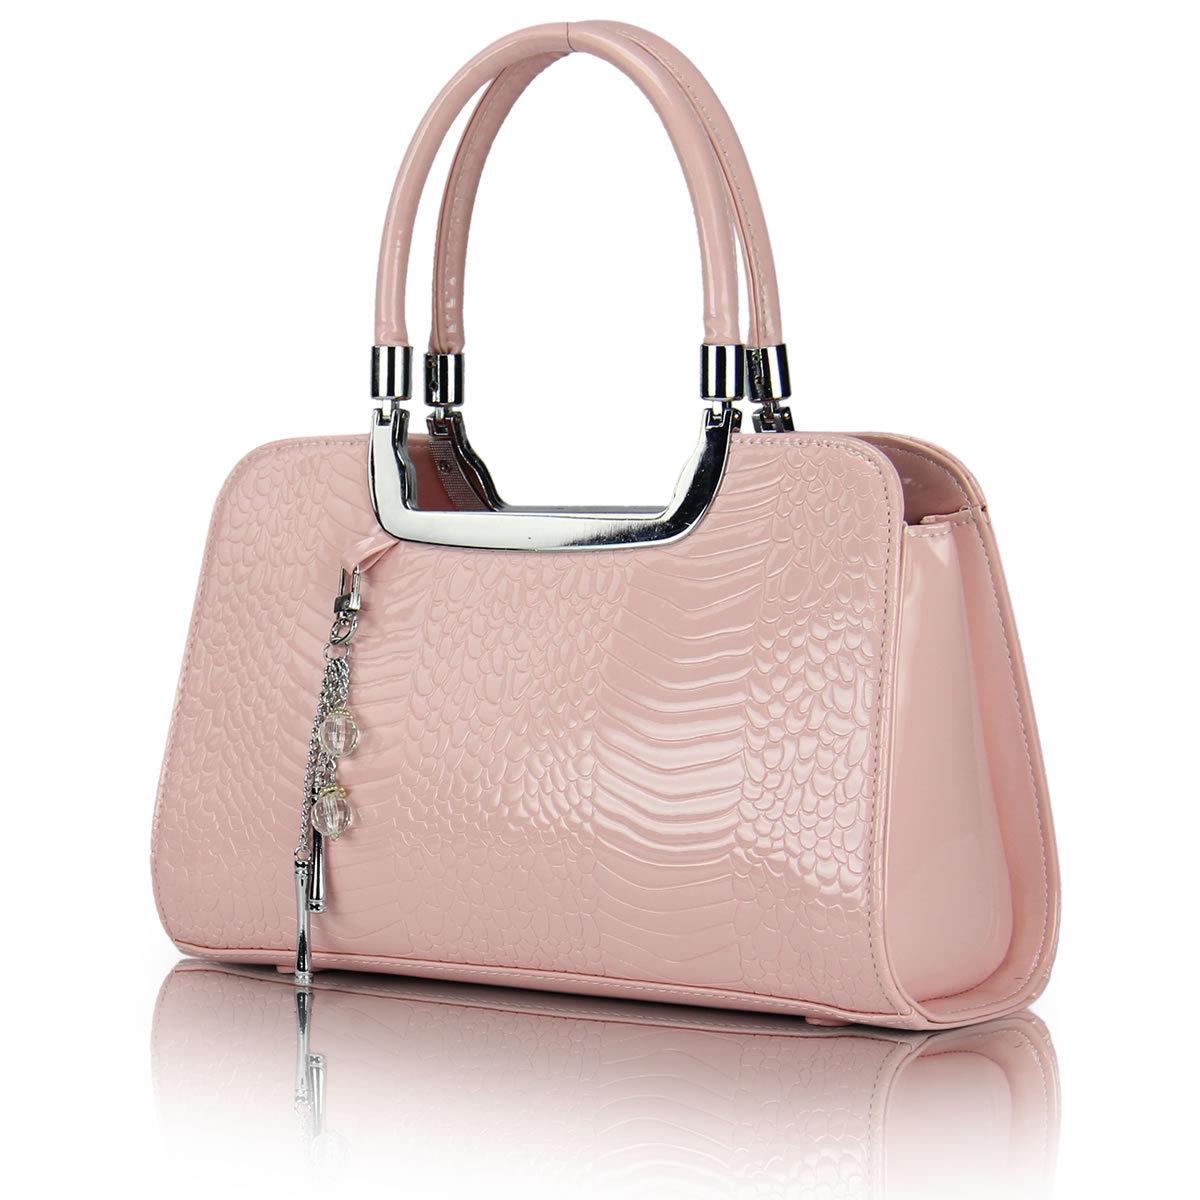 新款小型韩版手提包鳄鱼纹压花女式包粉红色新娘结婚包包邮送挂饰